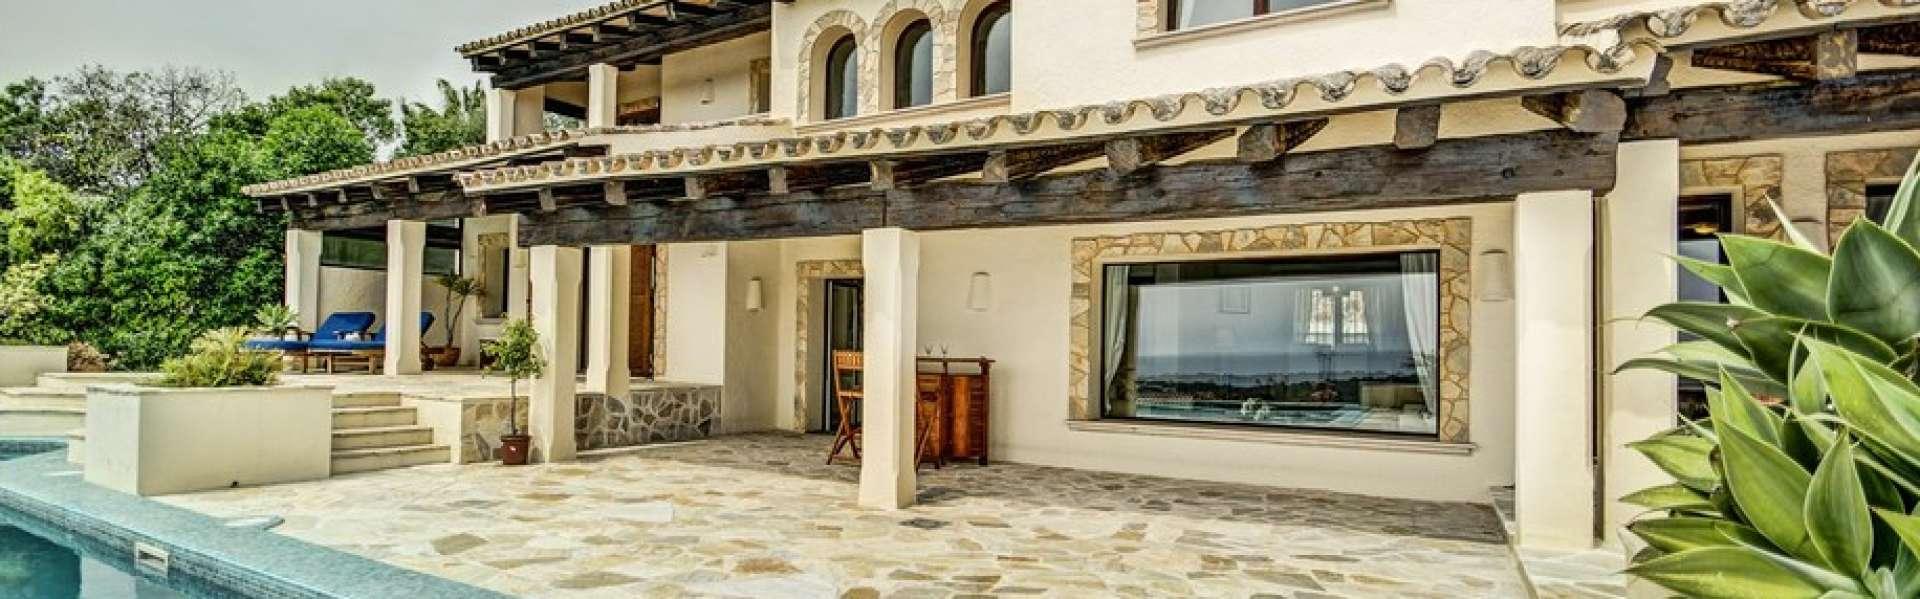 Bendinat - Villa a la venta